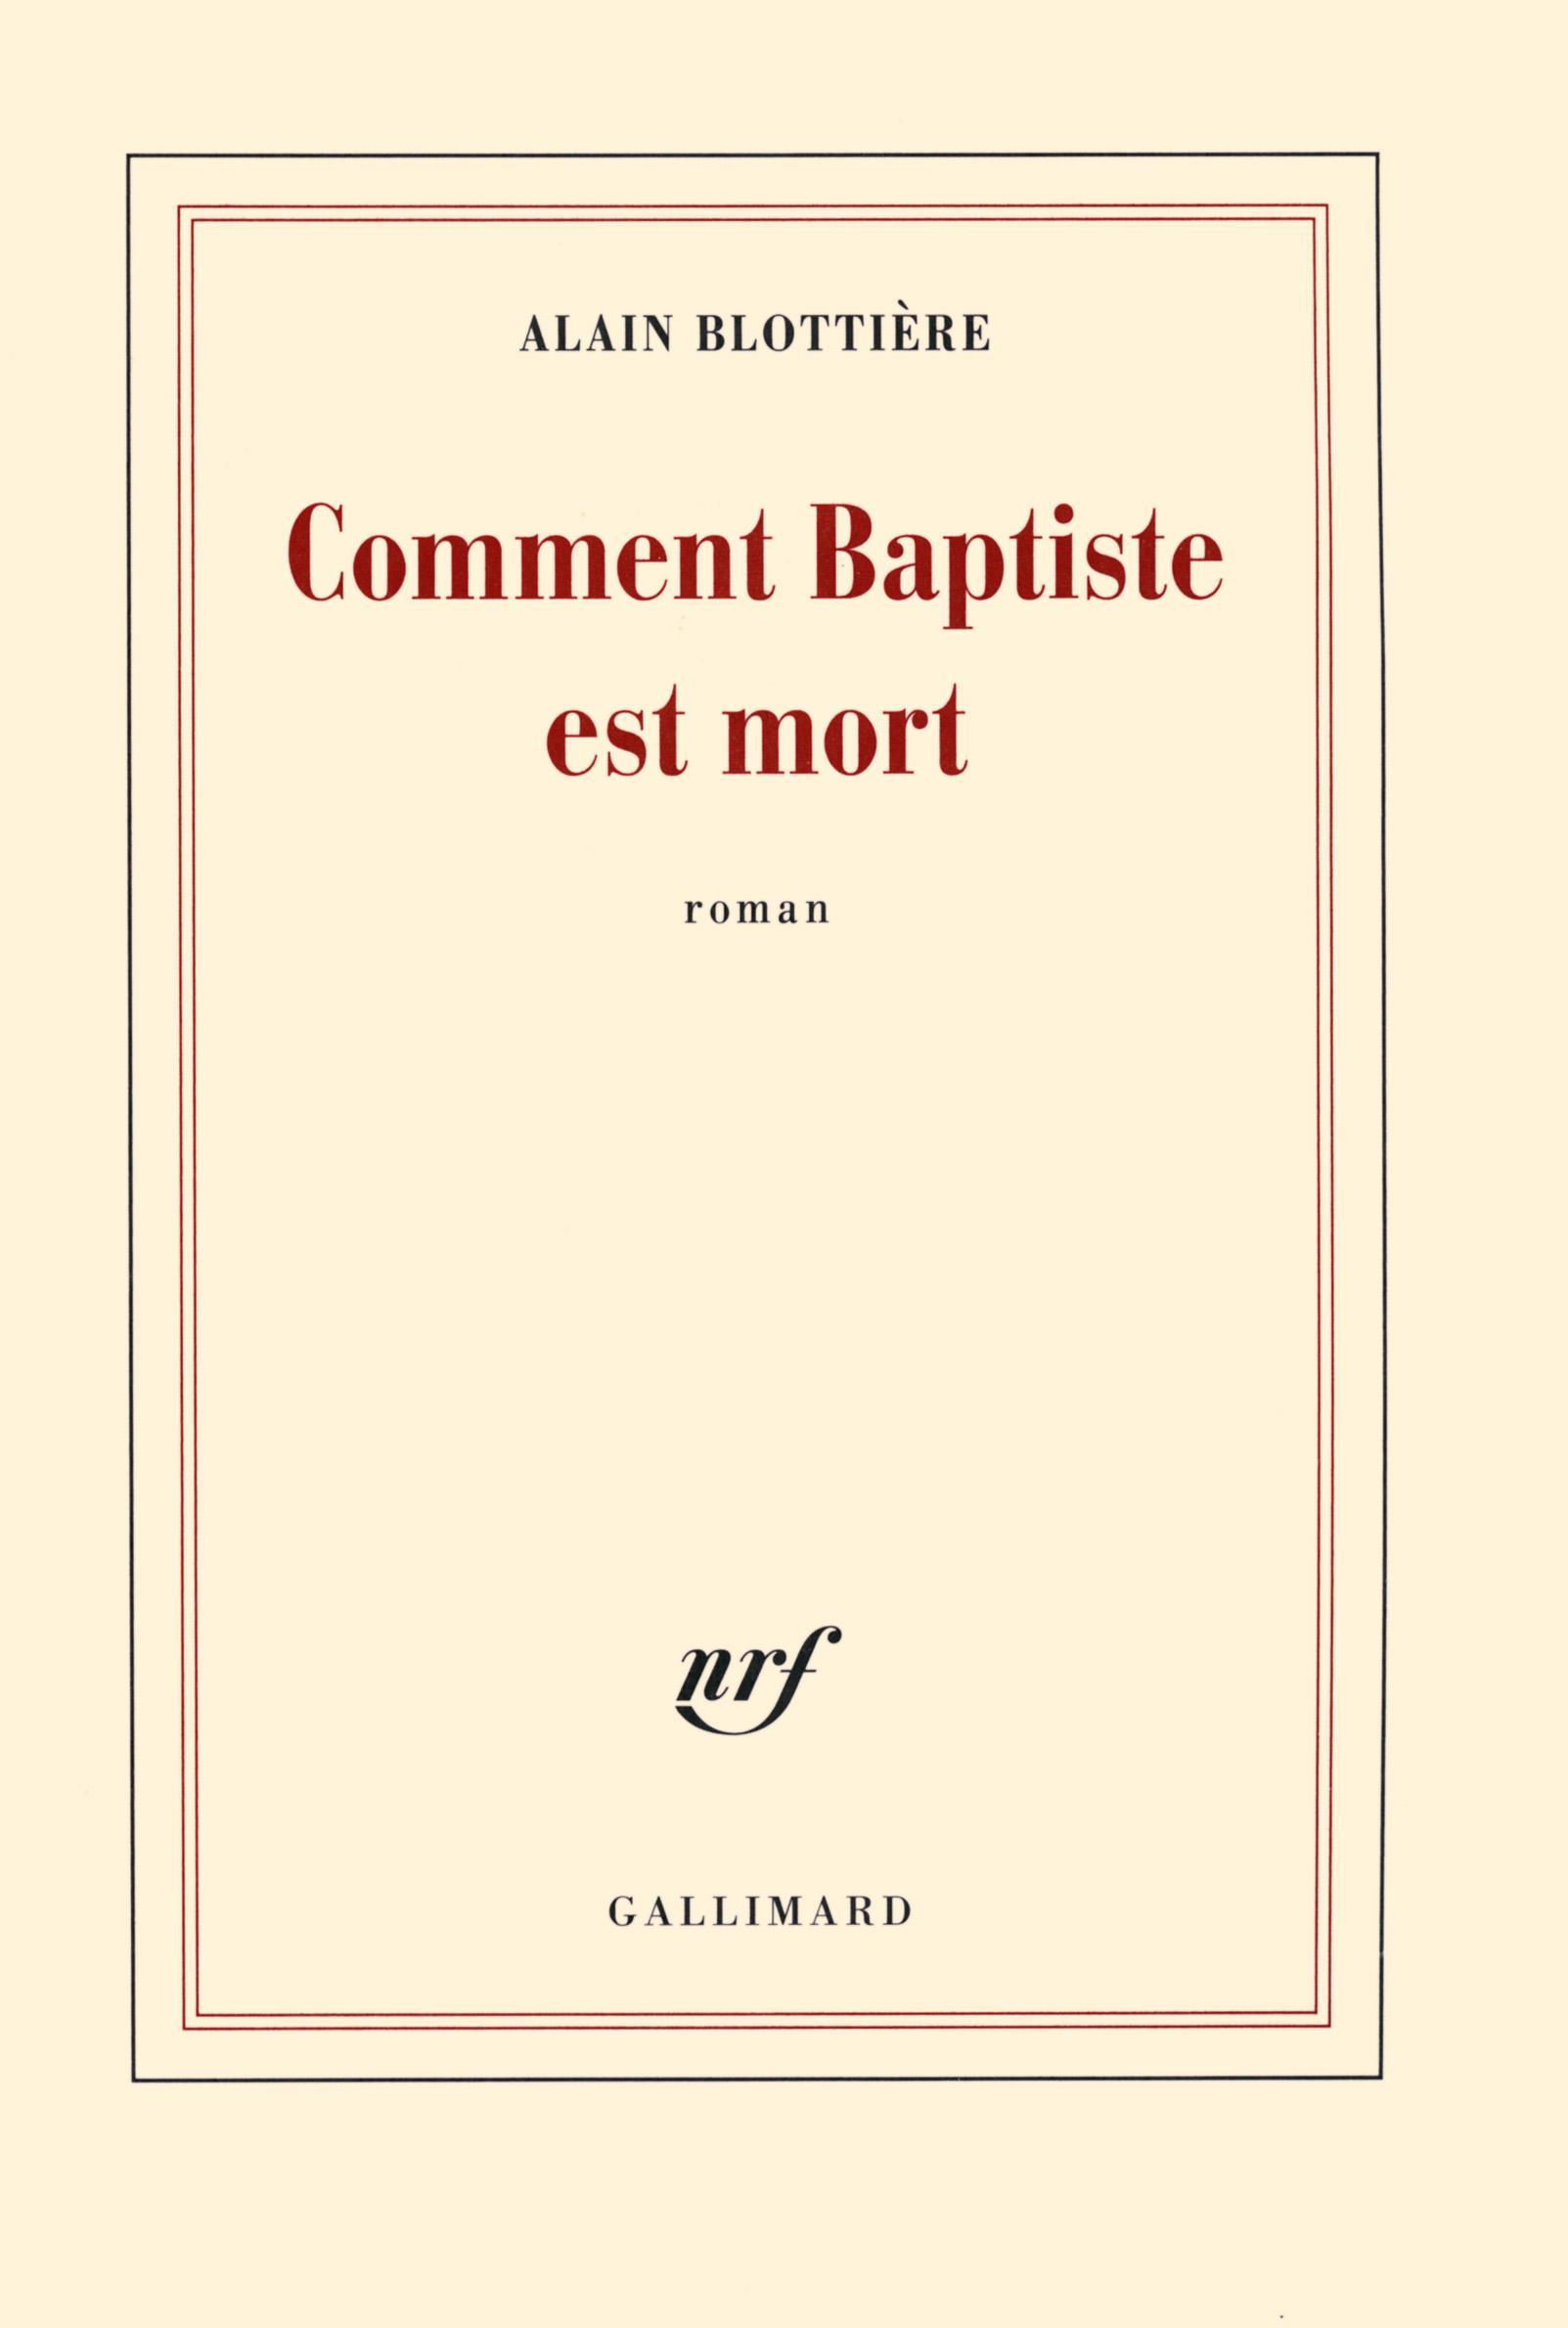 Comment Baptiste est mort / Alain Blottière